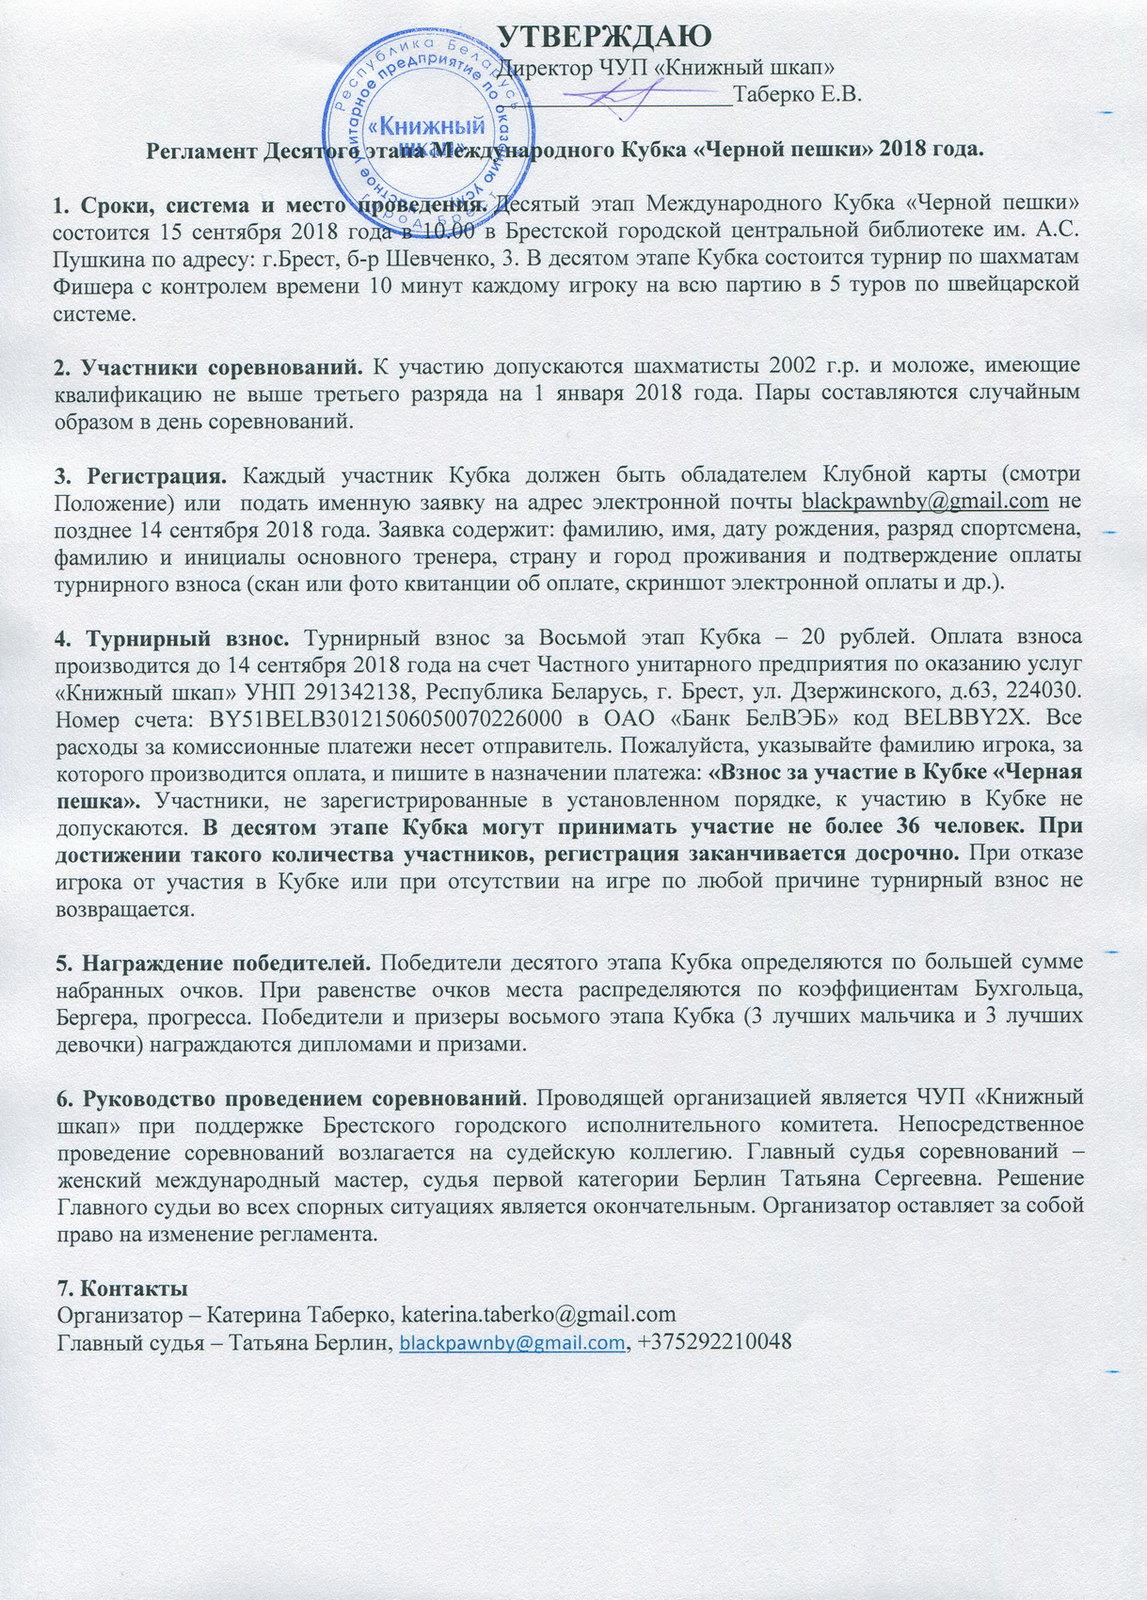 Сентябрь регламент